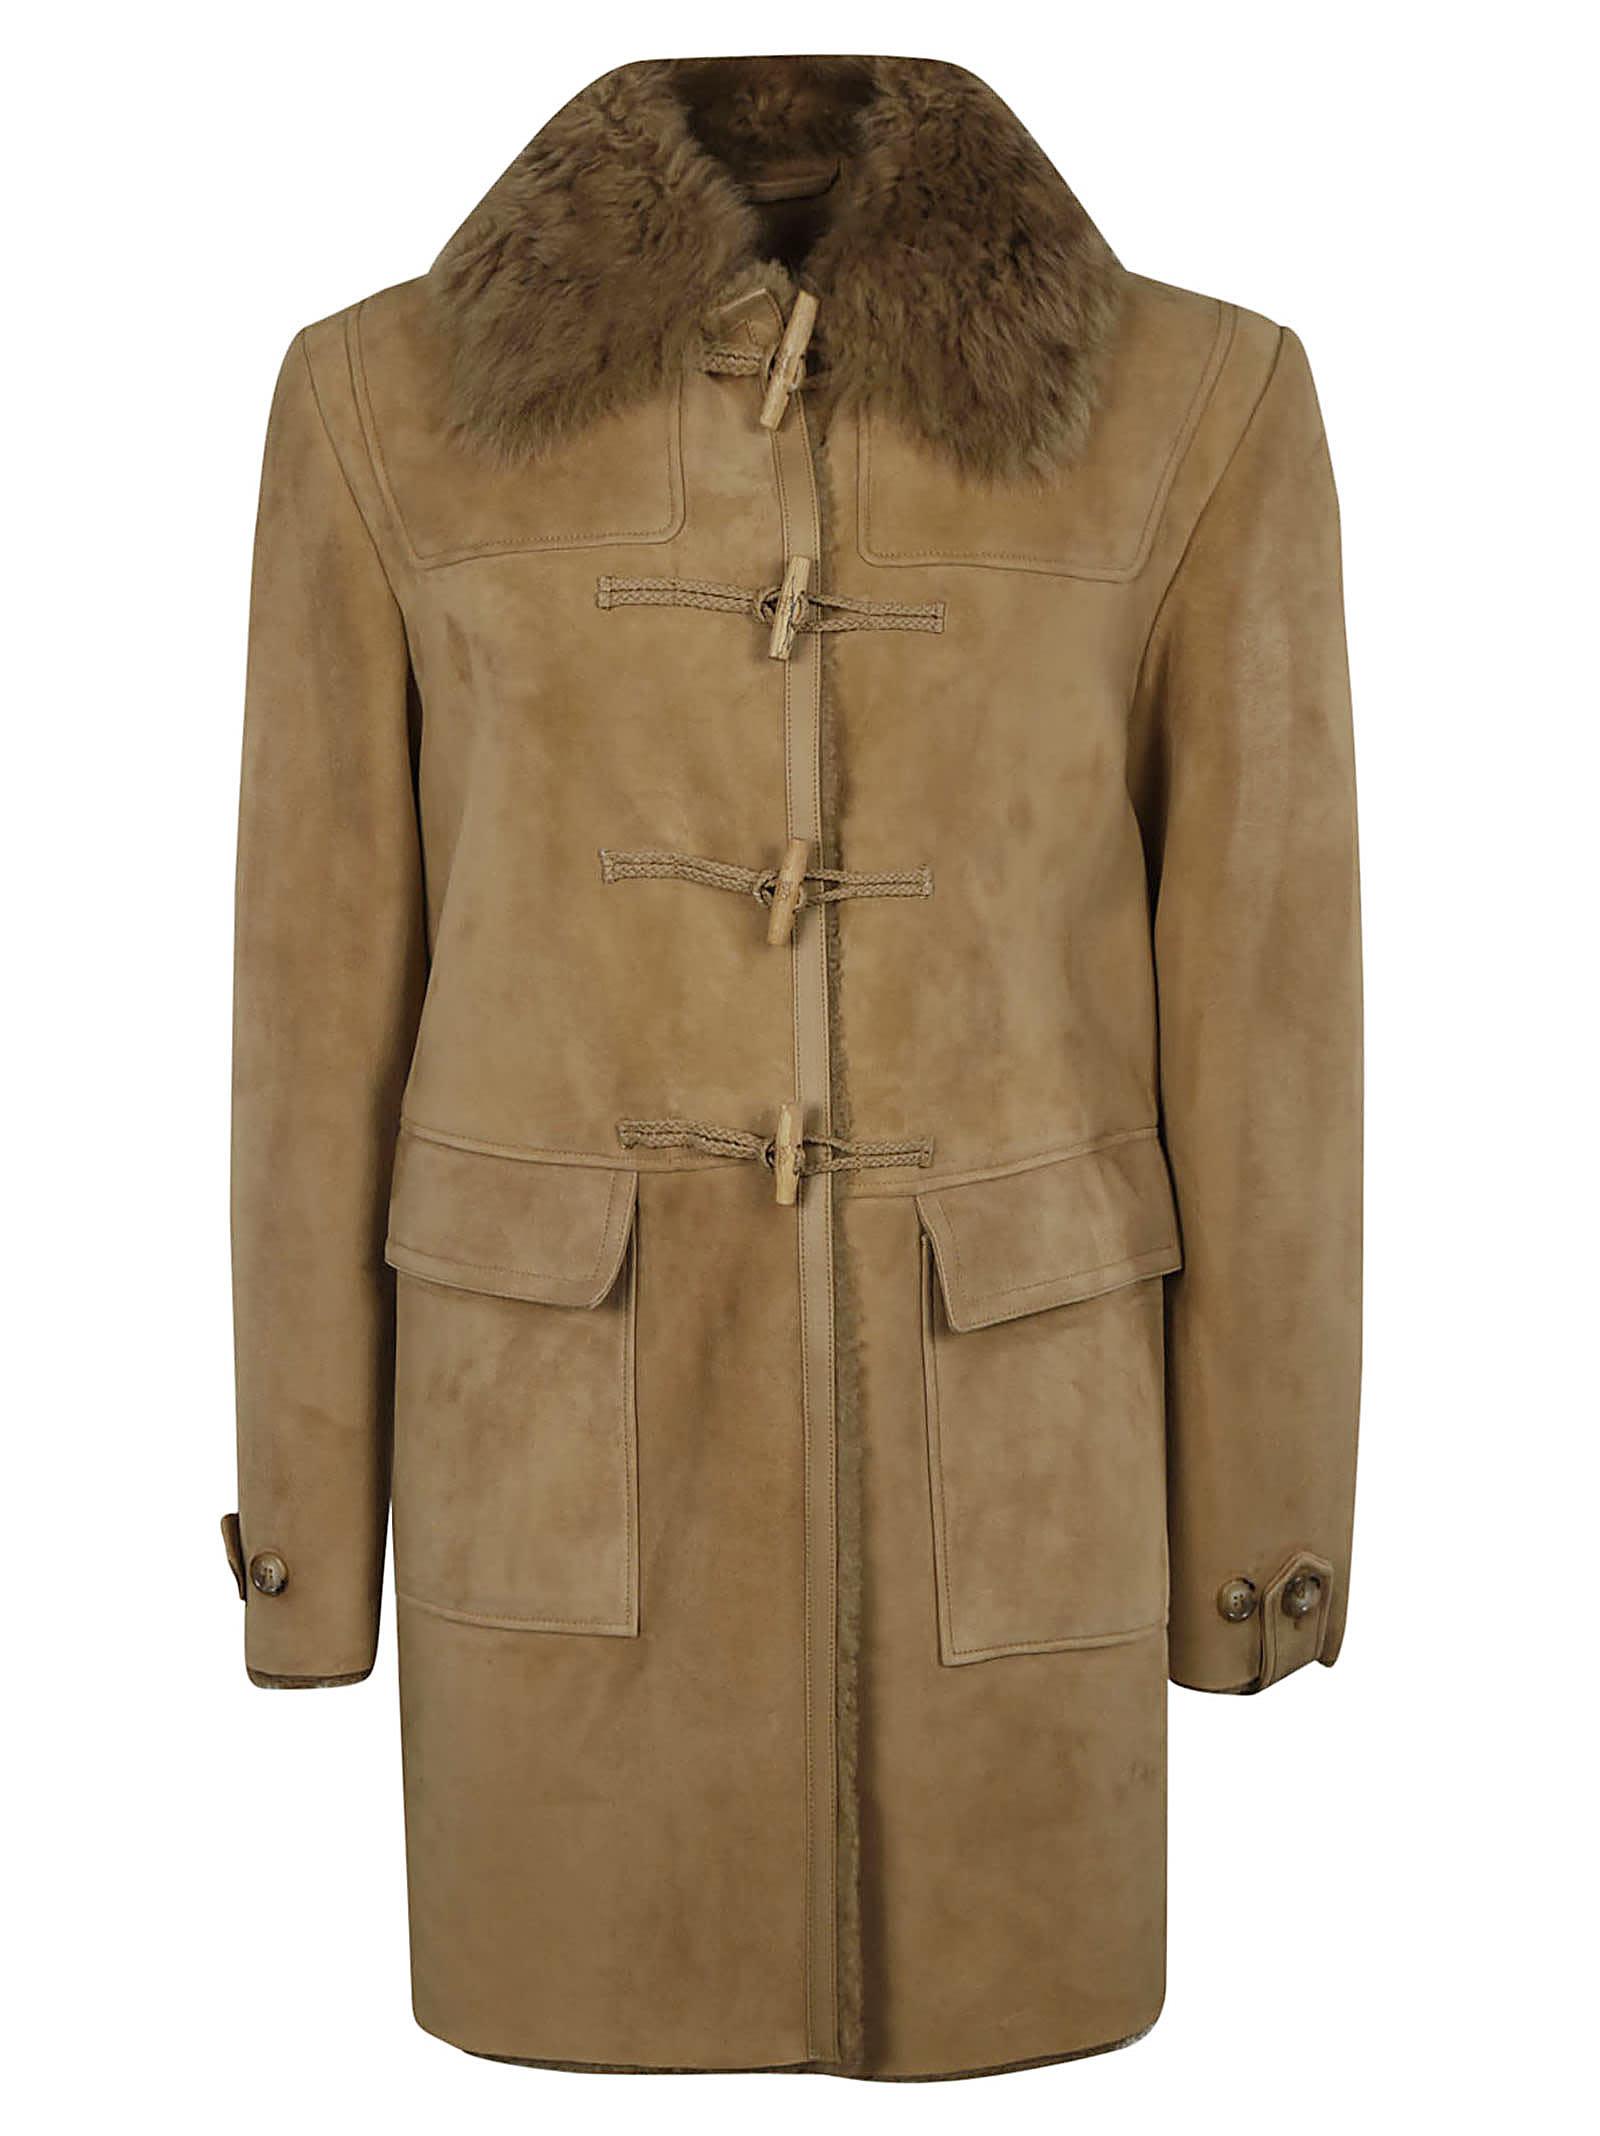 1972 Curly Suede Coat